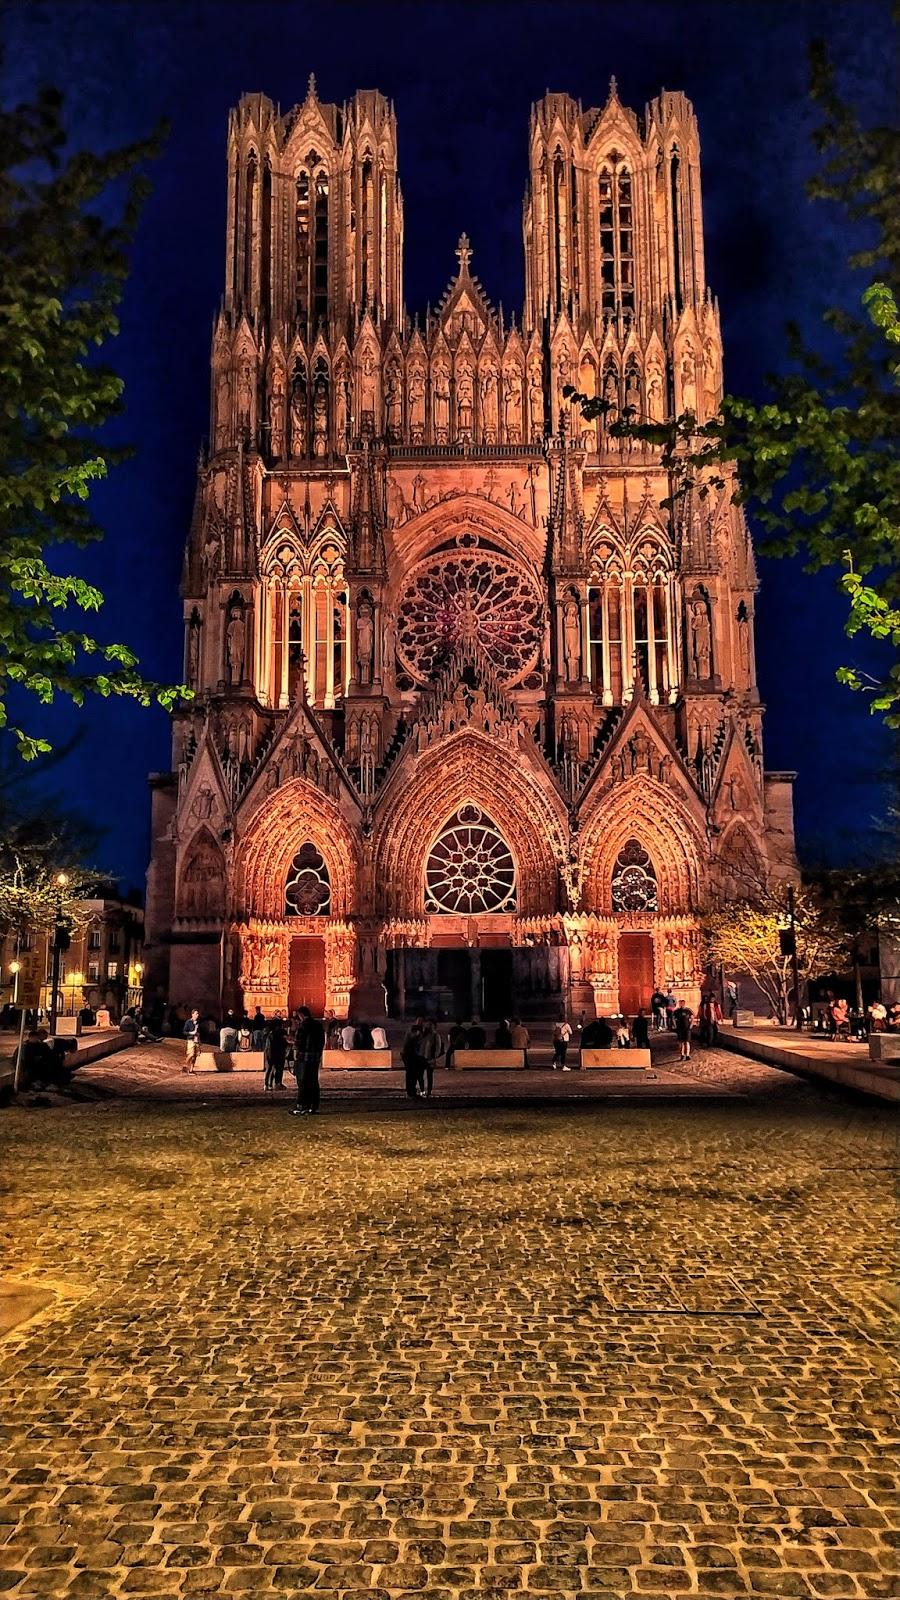 Cathédrale-Notre-dame-de-Reims